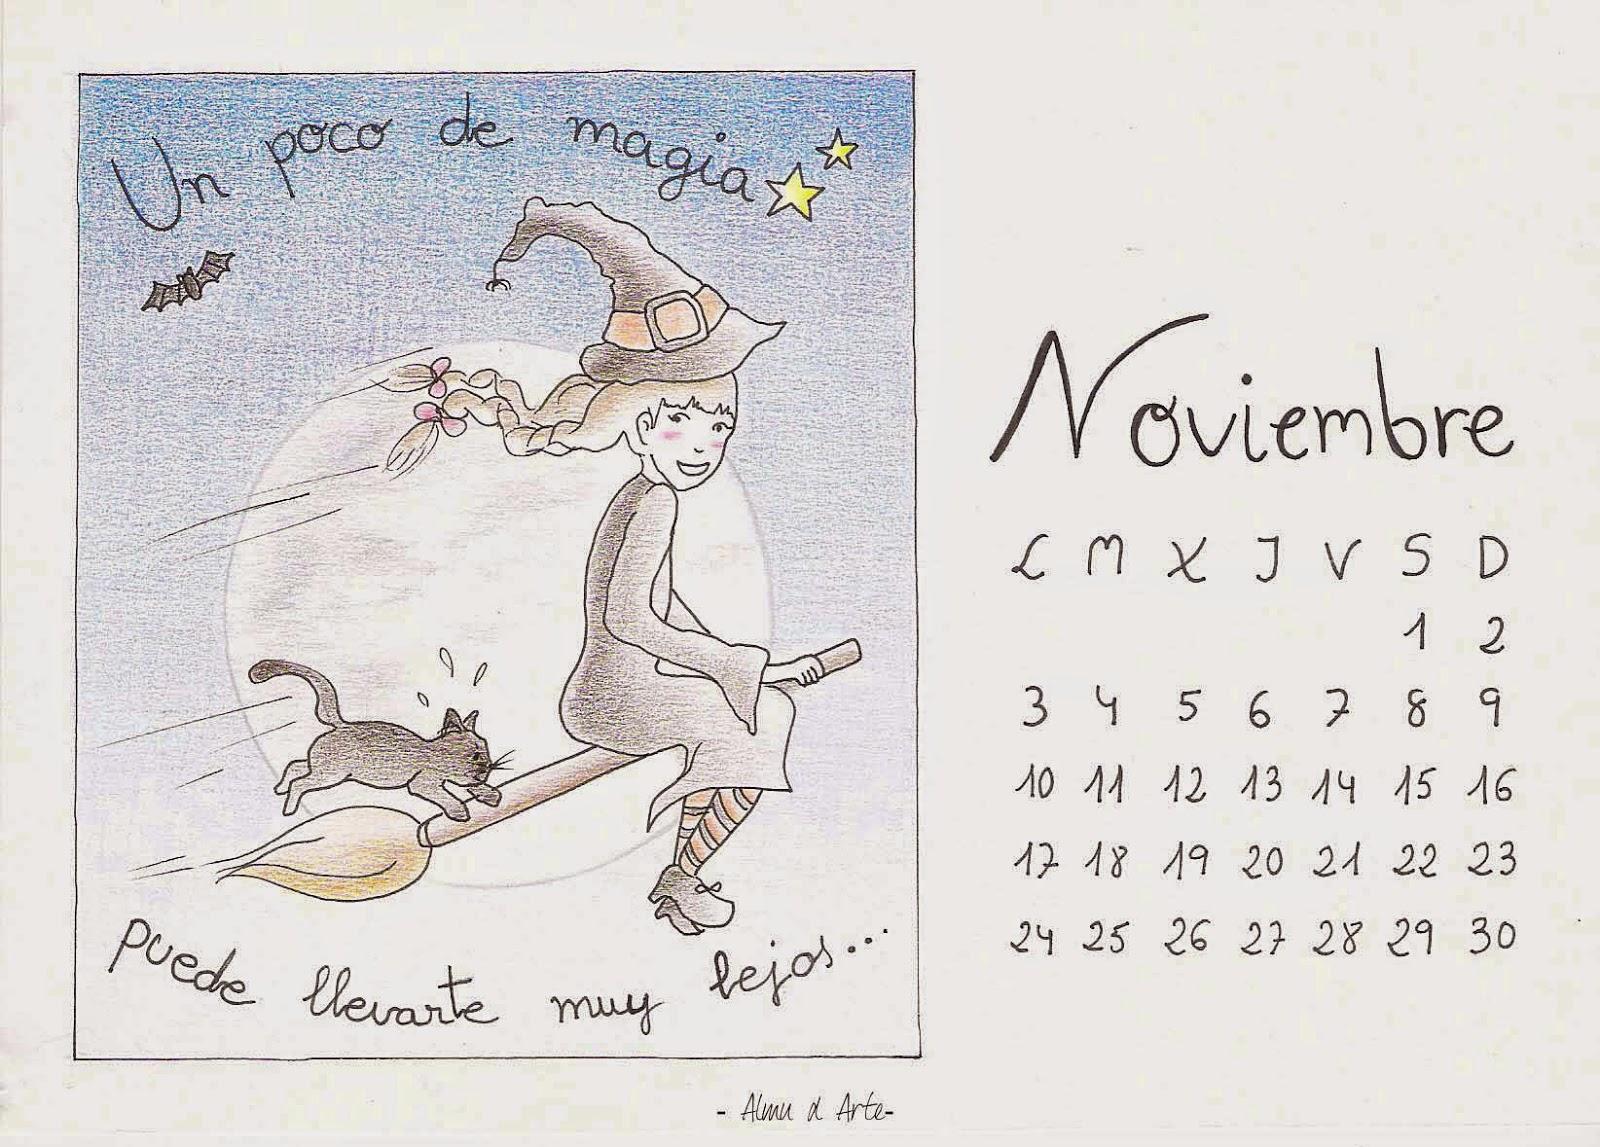 Calendario de noviembre 2014 para descargar gratis